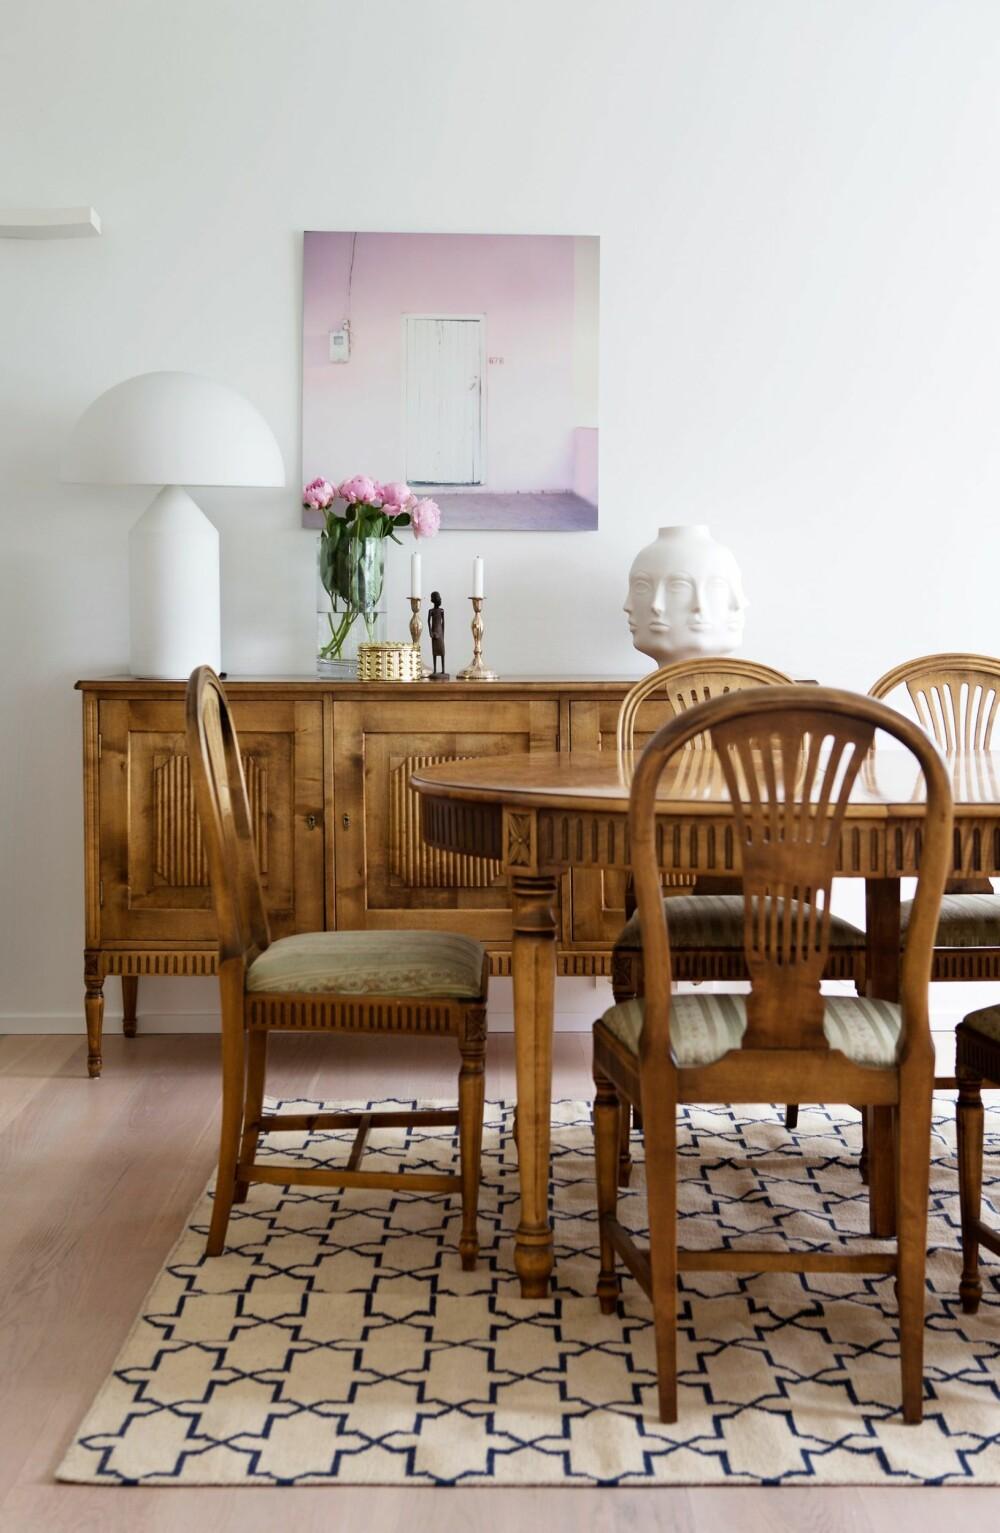 SAMLE SPISEGRUPPEN: Et stort teppe tydeliggjør spisesonen, og forankrer møblementet til denne delen. Grepet bidrar til at virvaret av bord og stolben ikke blir en kaotisk ansamling møbler, og heller fremstår mer enhetlig. Prinsippet virker sterkest når teppet er stort nok til at ingen møbler havner utenfor.